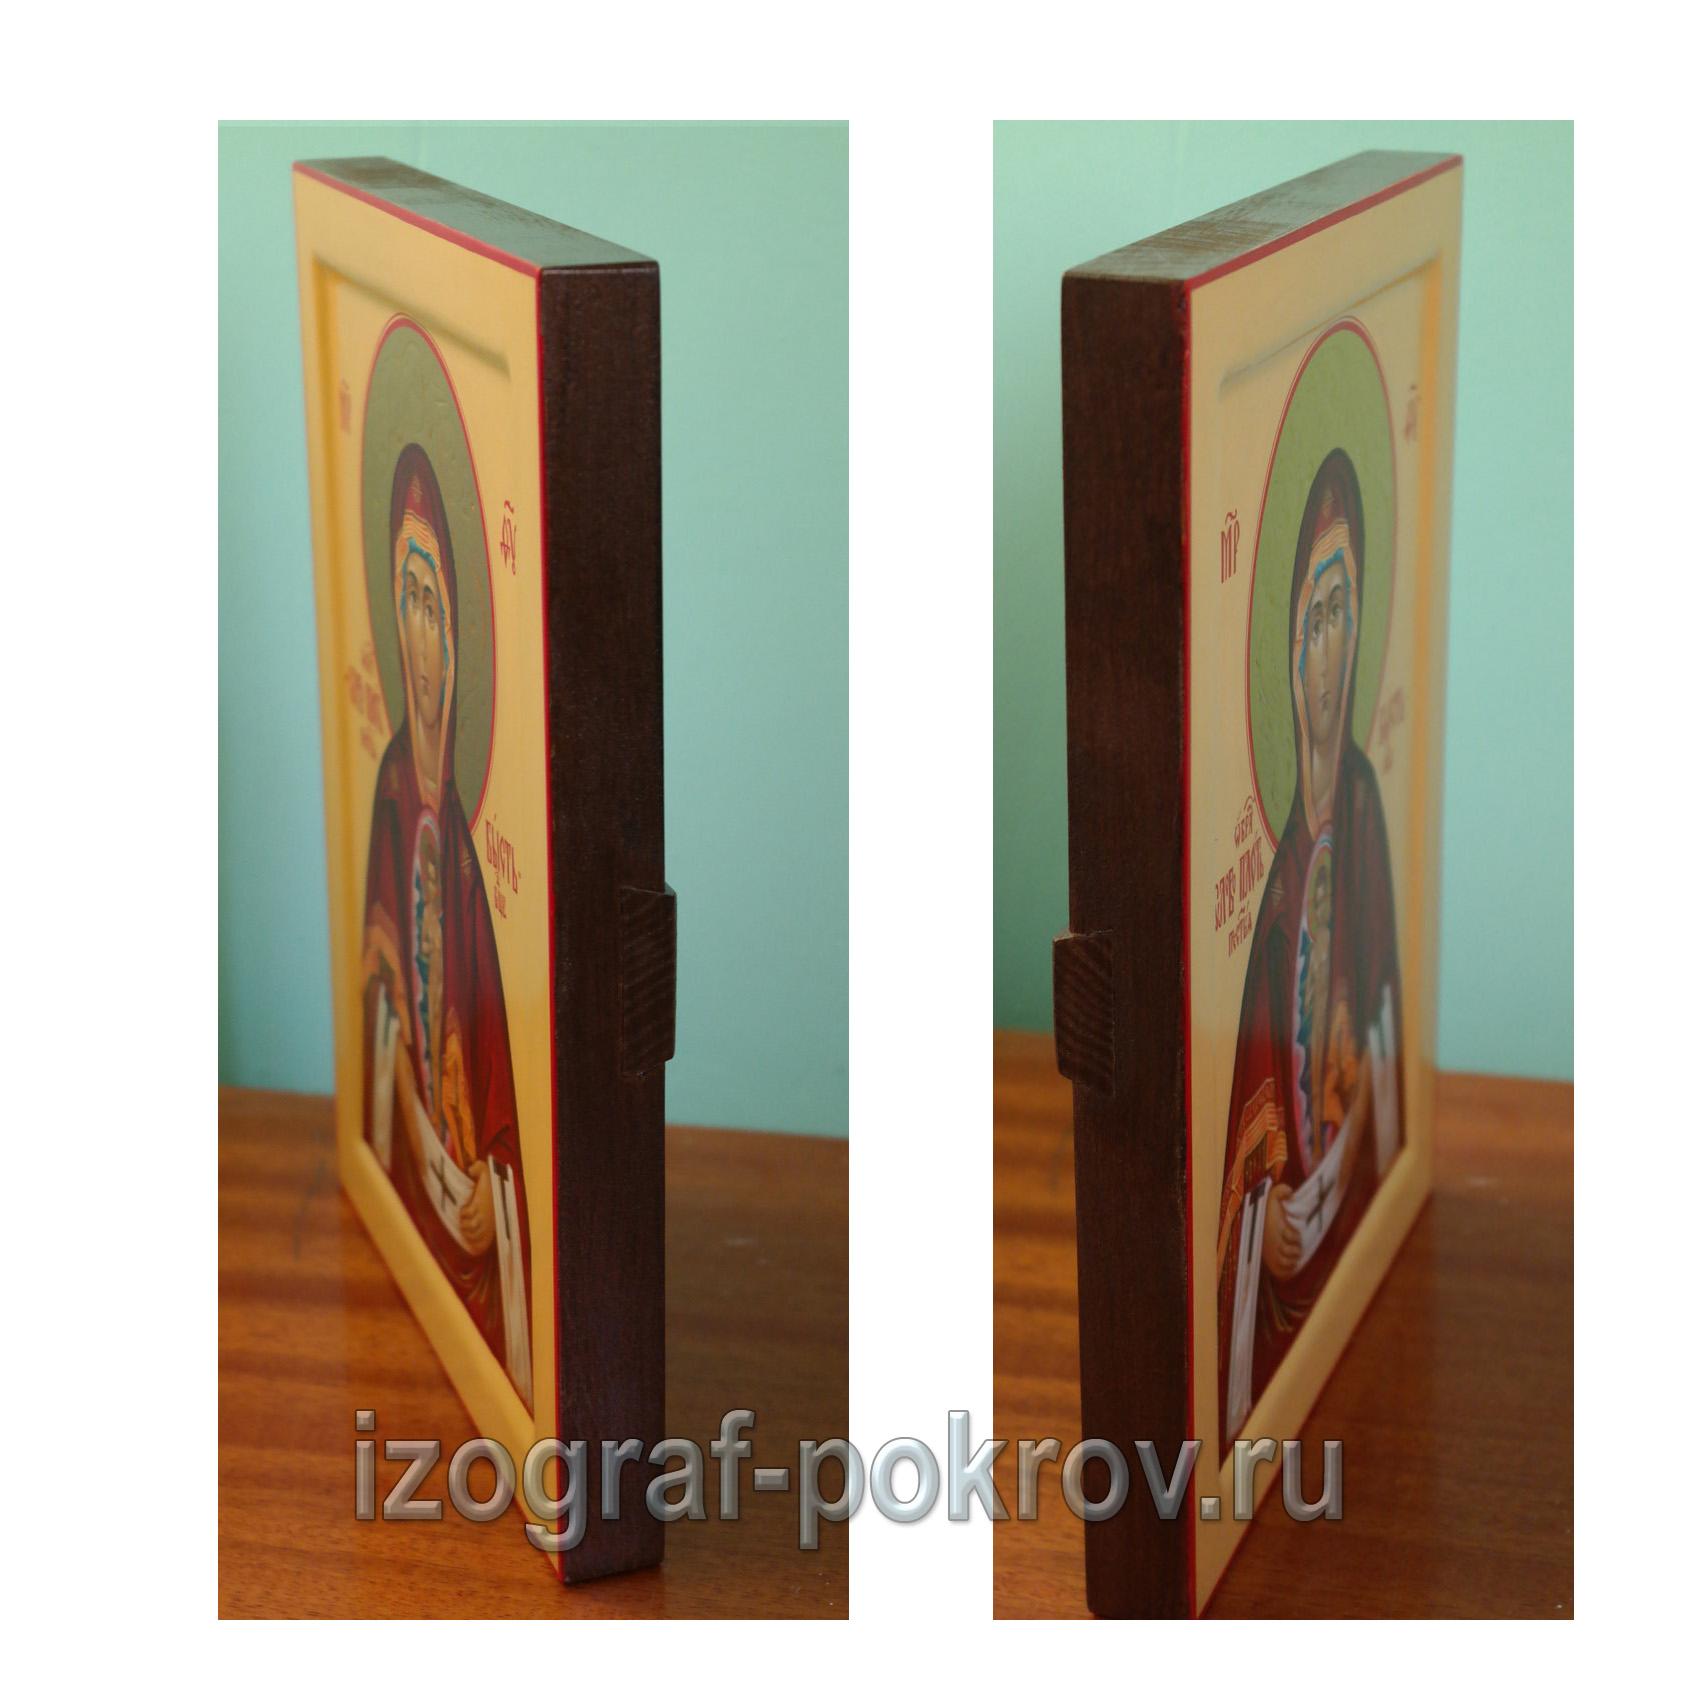 Икона Слово плоть бысть Албазинская Богородица вид сбоку